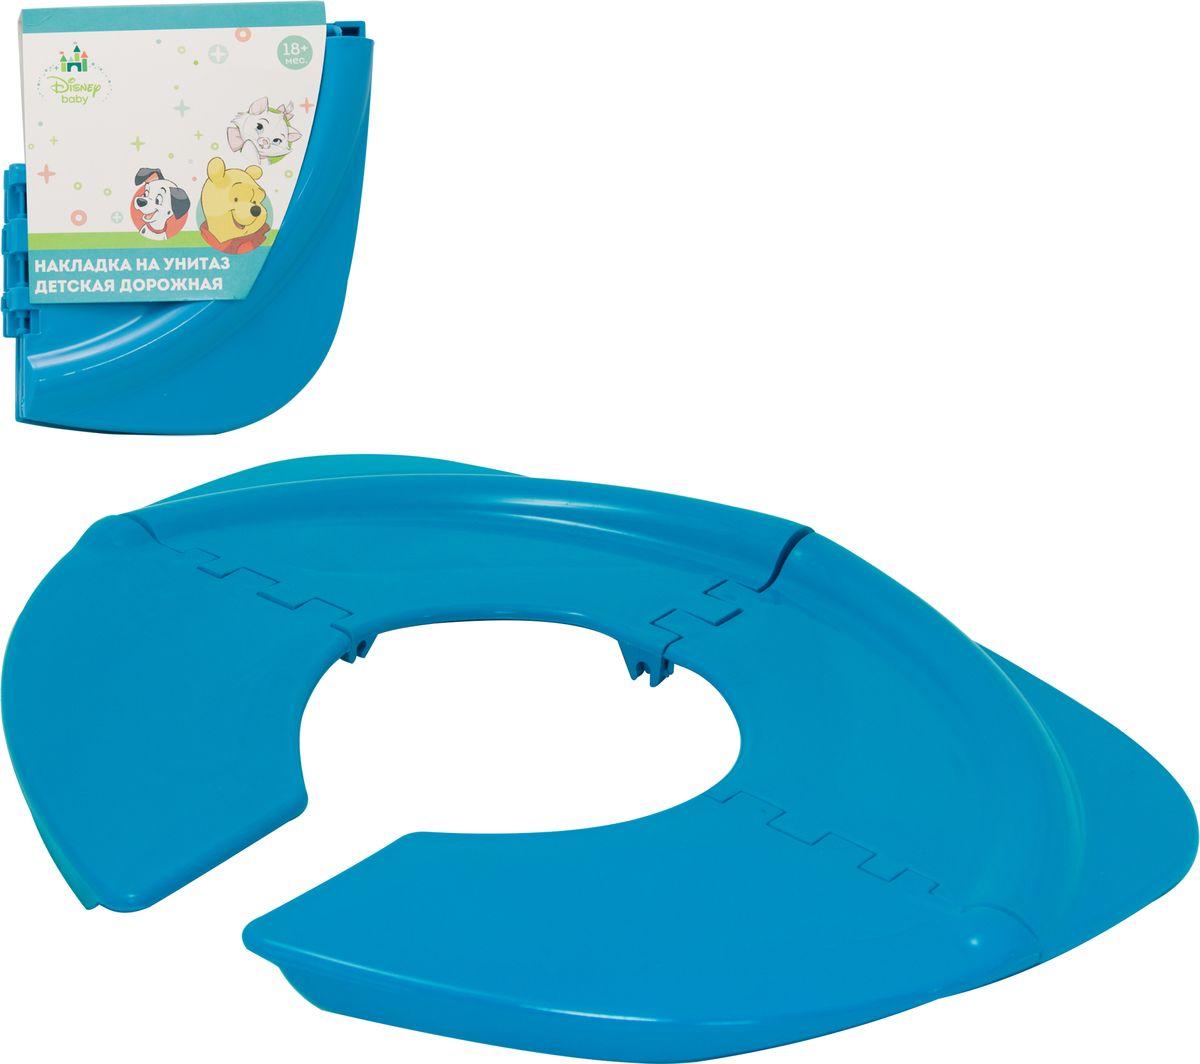 Disney Накладка на унитаз детская складная цвет бирюзовый М 2580-Д